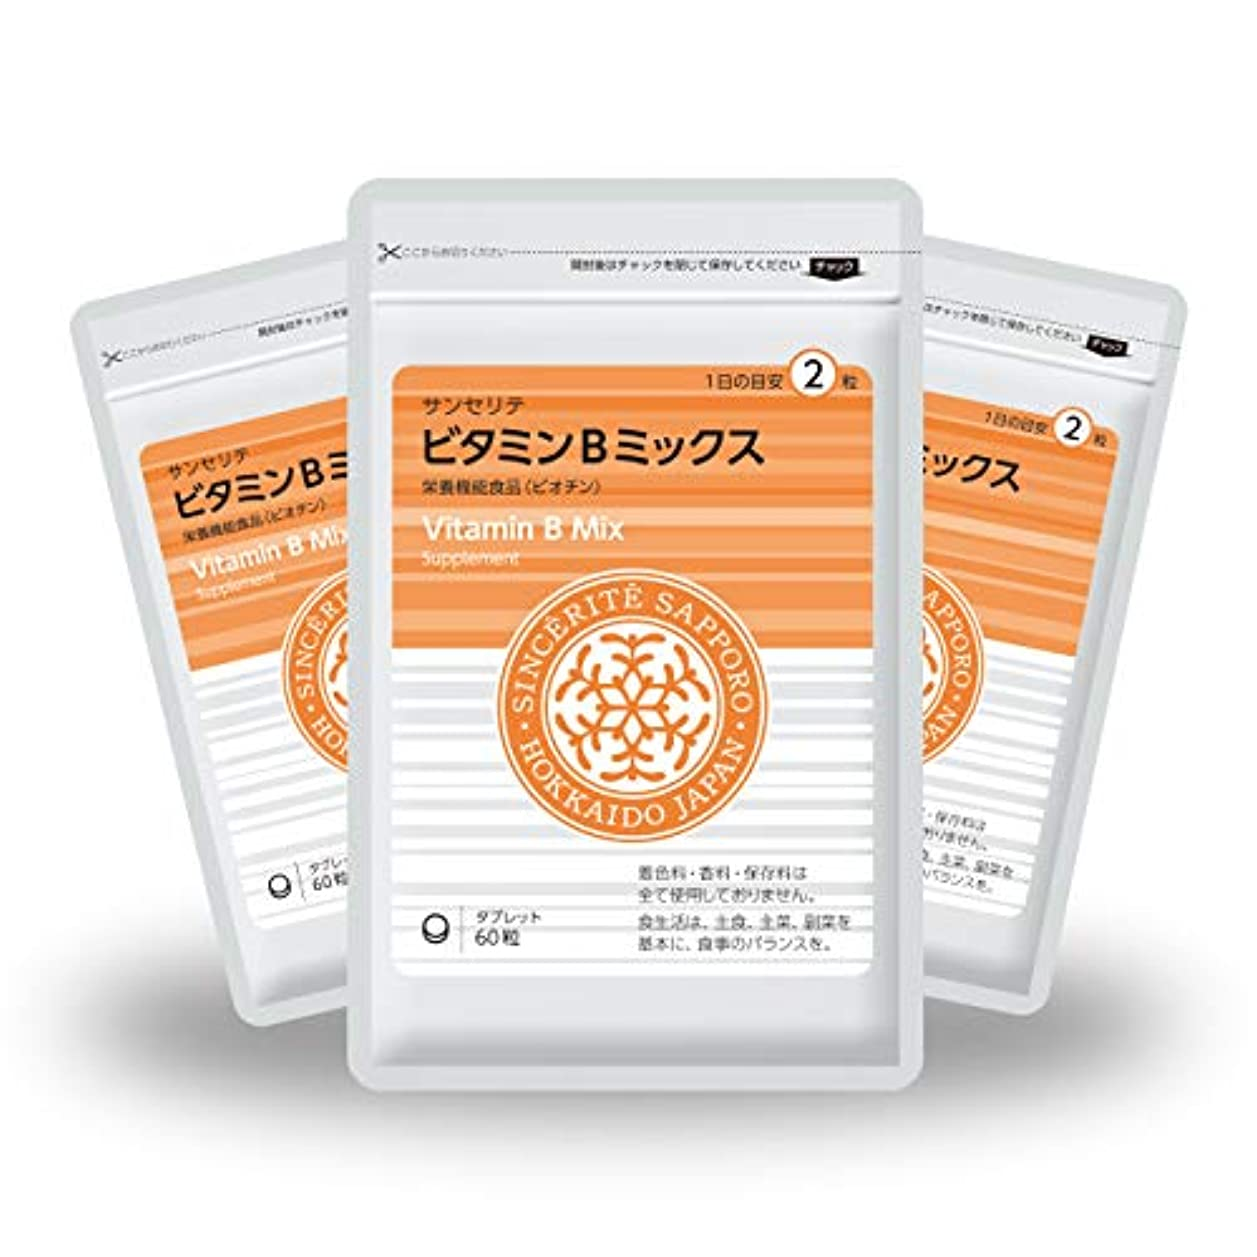 番号気体の拡大するビタミンBミックス 3袋セット[栄養機能食品]ビタミンB群たっぷり配合[国内製造]お得な★90日分